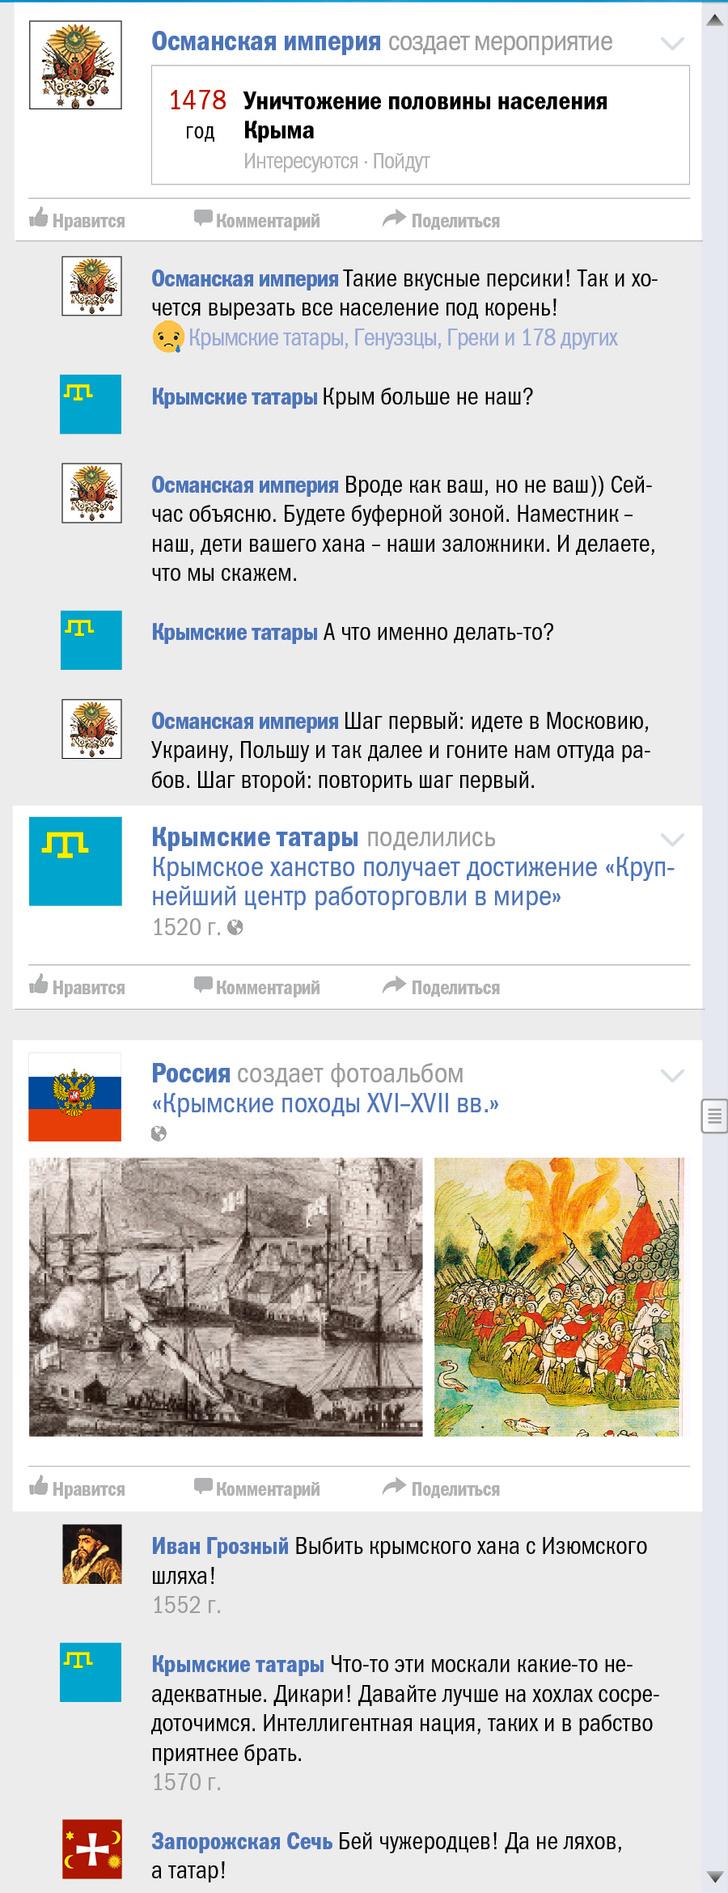 Фото №8 - Крым чей? Правдивая история Крыма в виде ленты «Фейсбука»